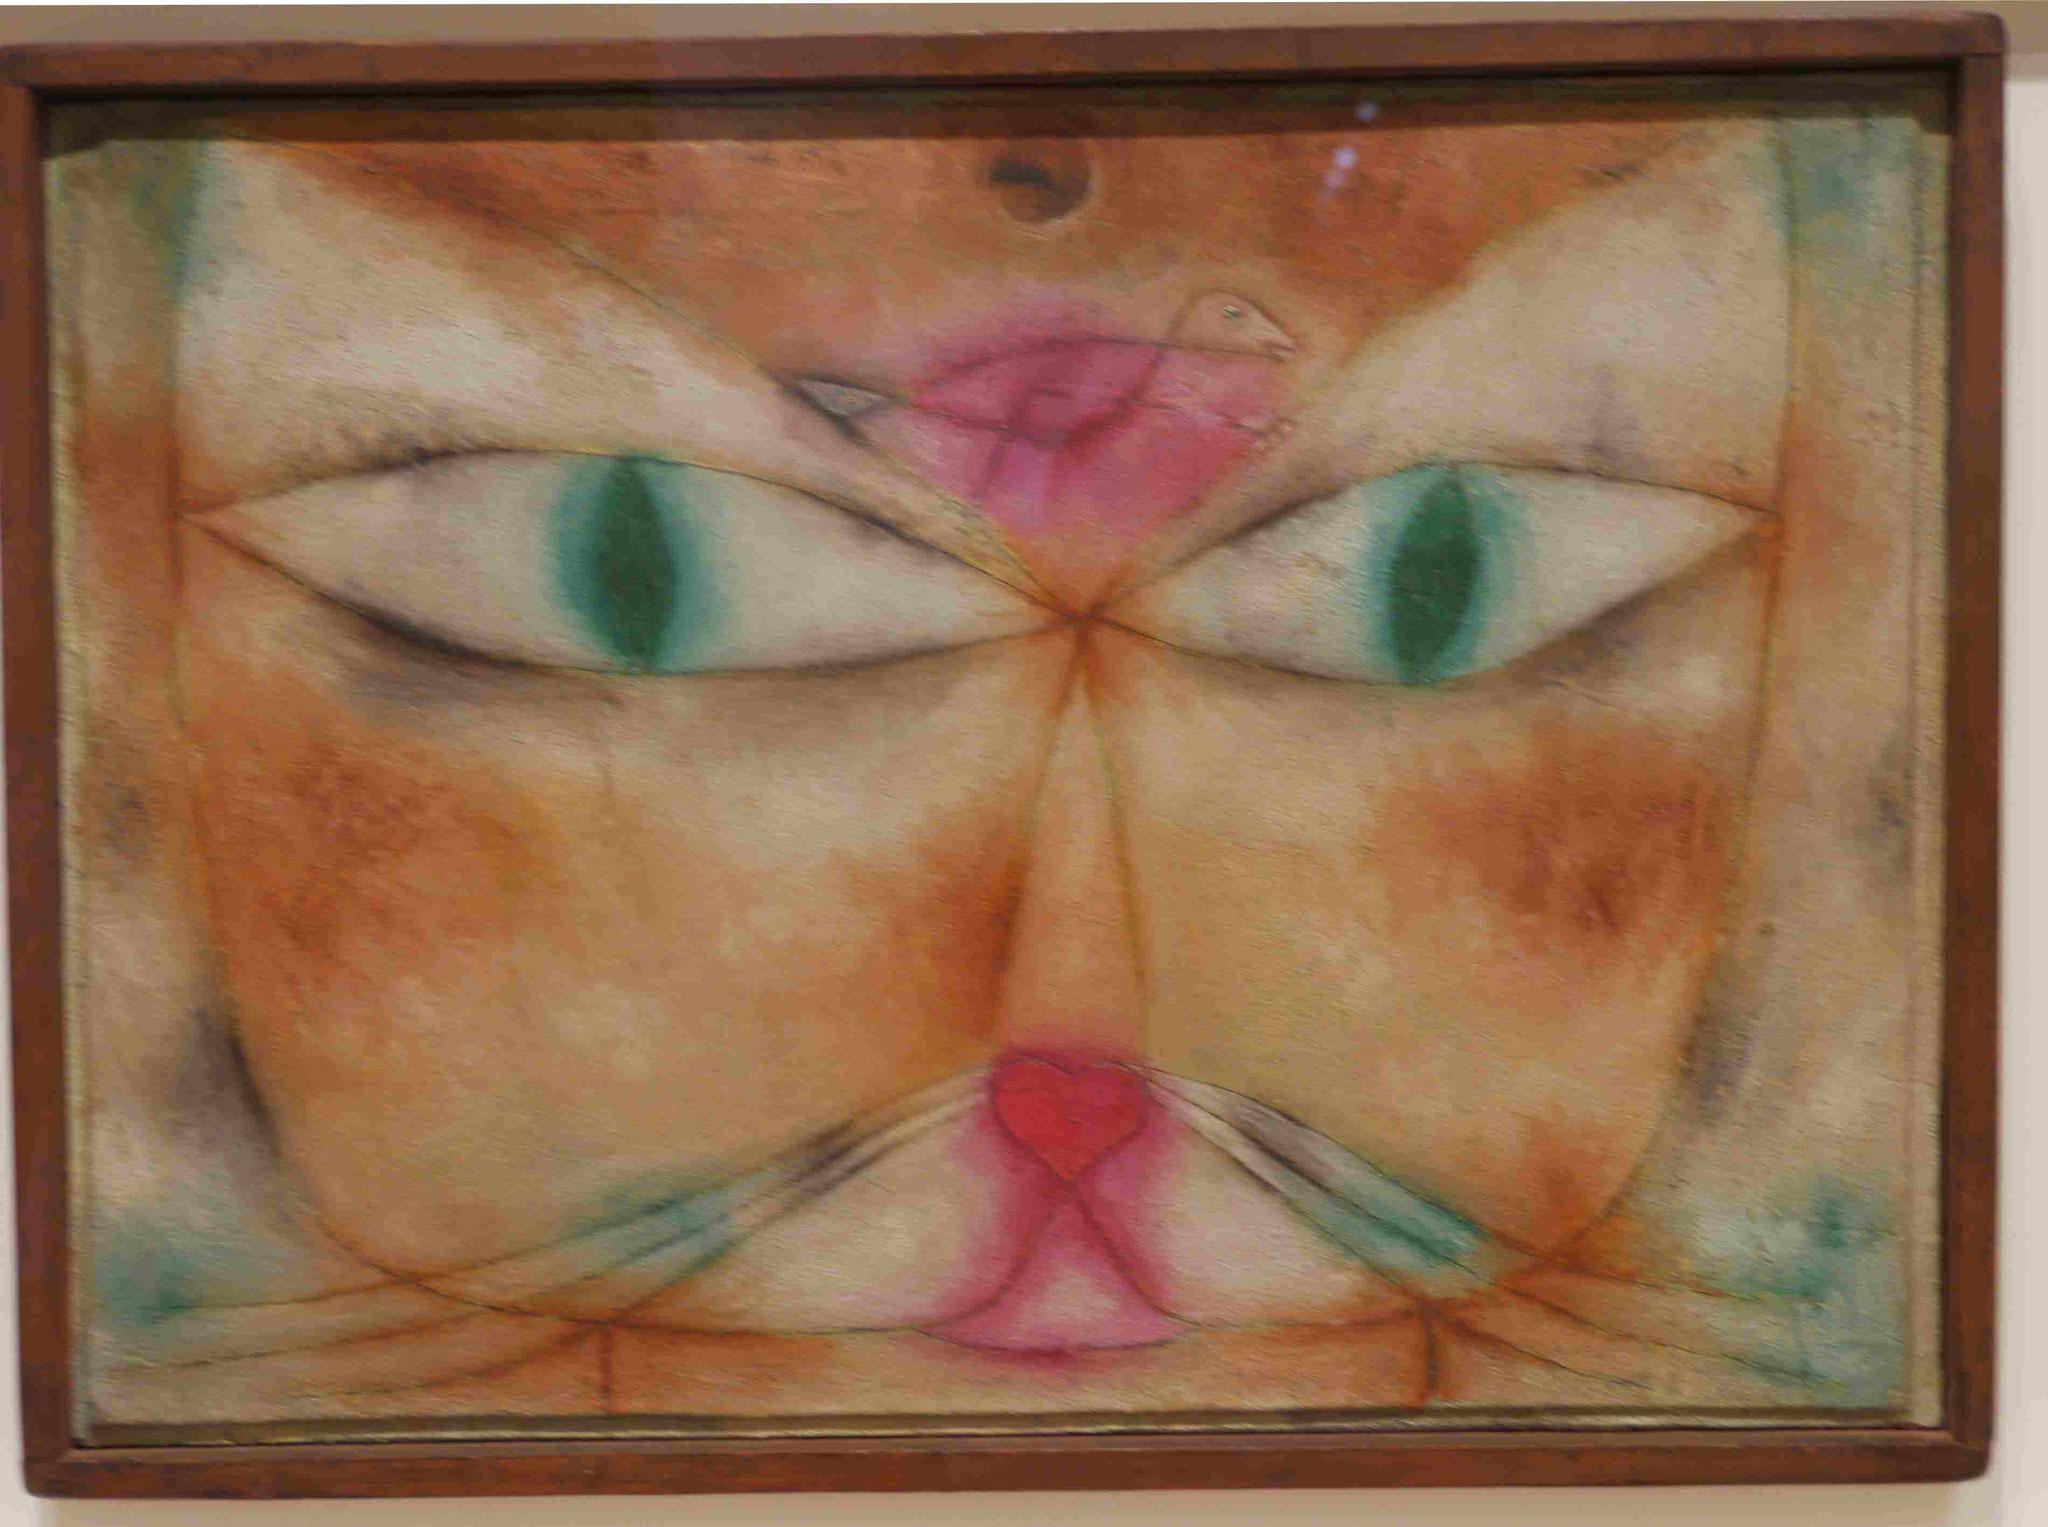 Paul Klee MoMa